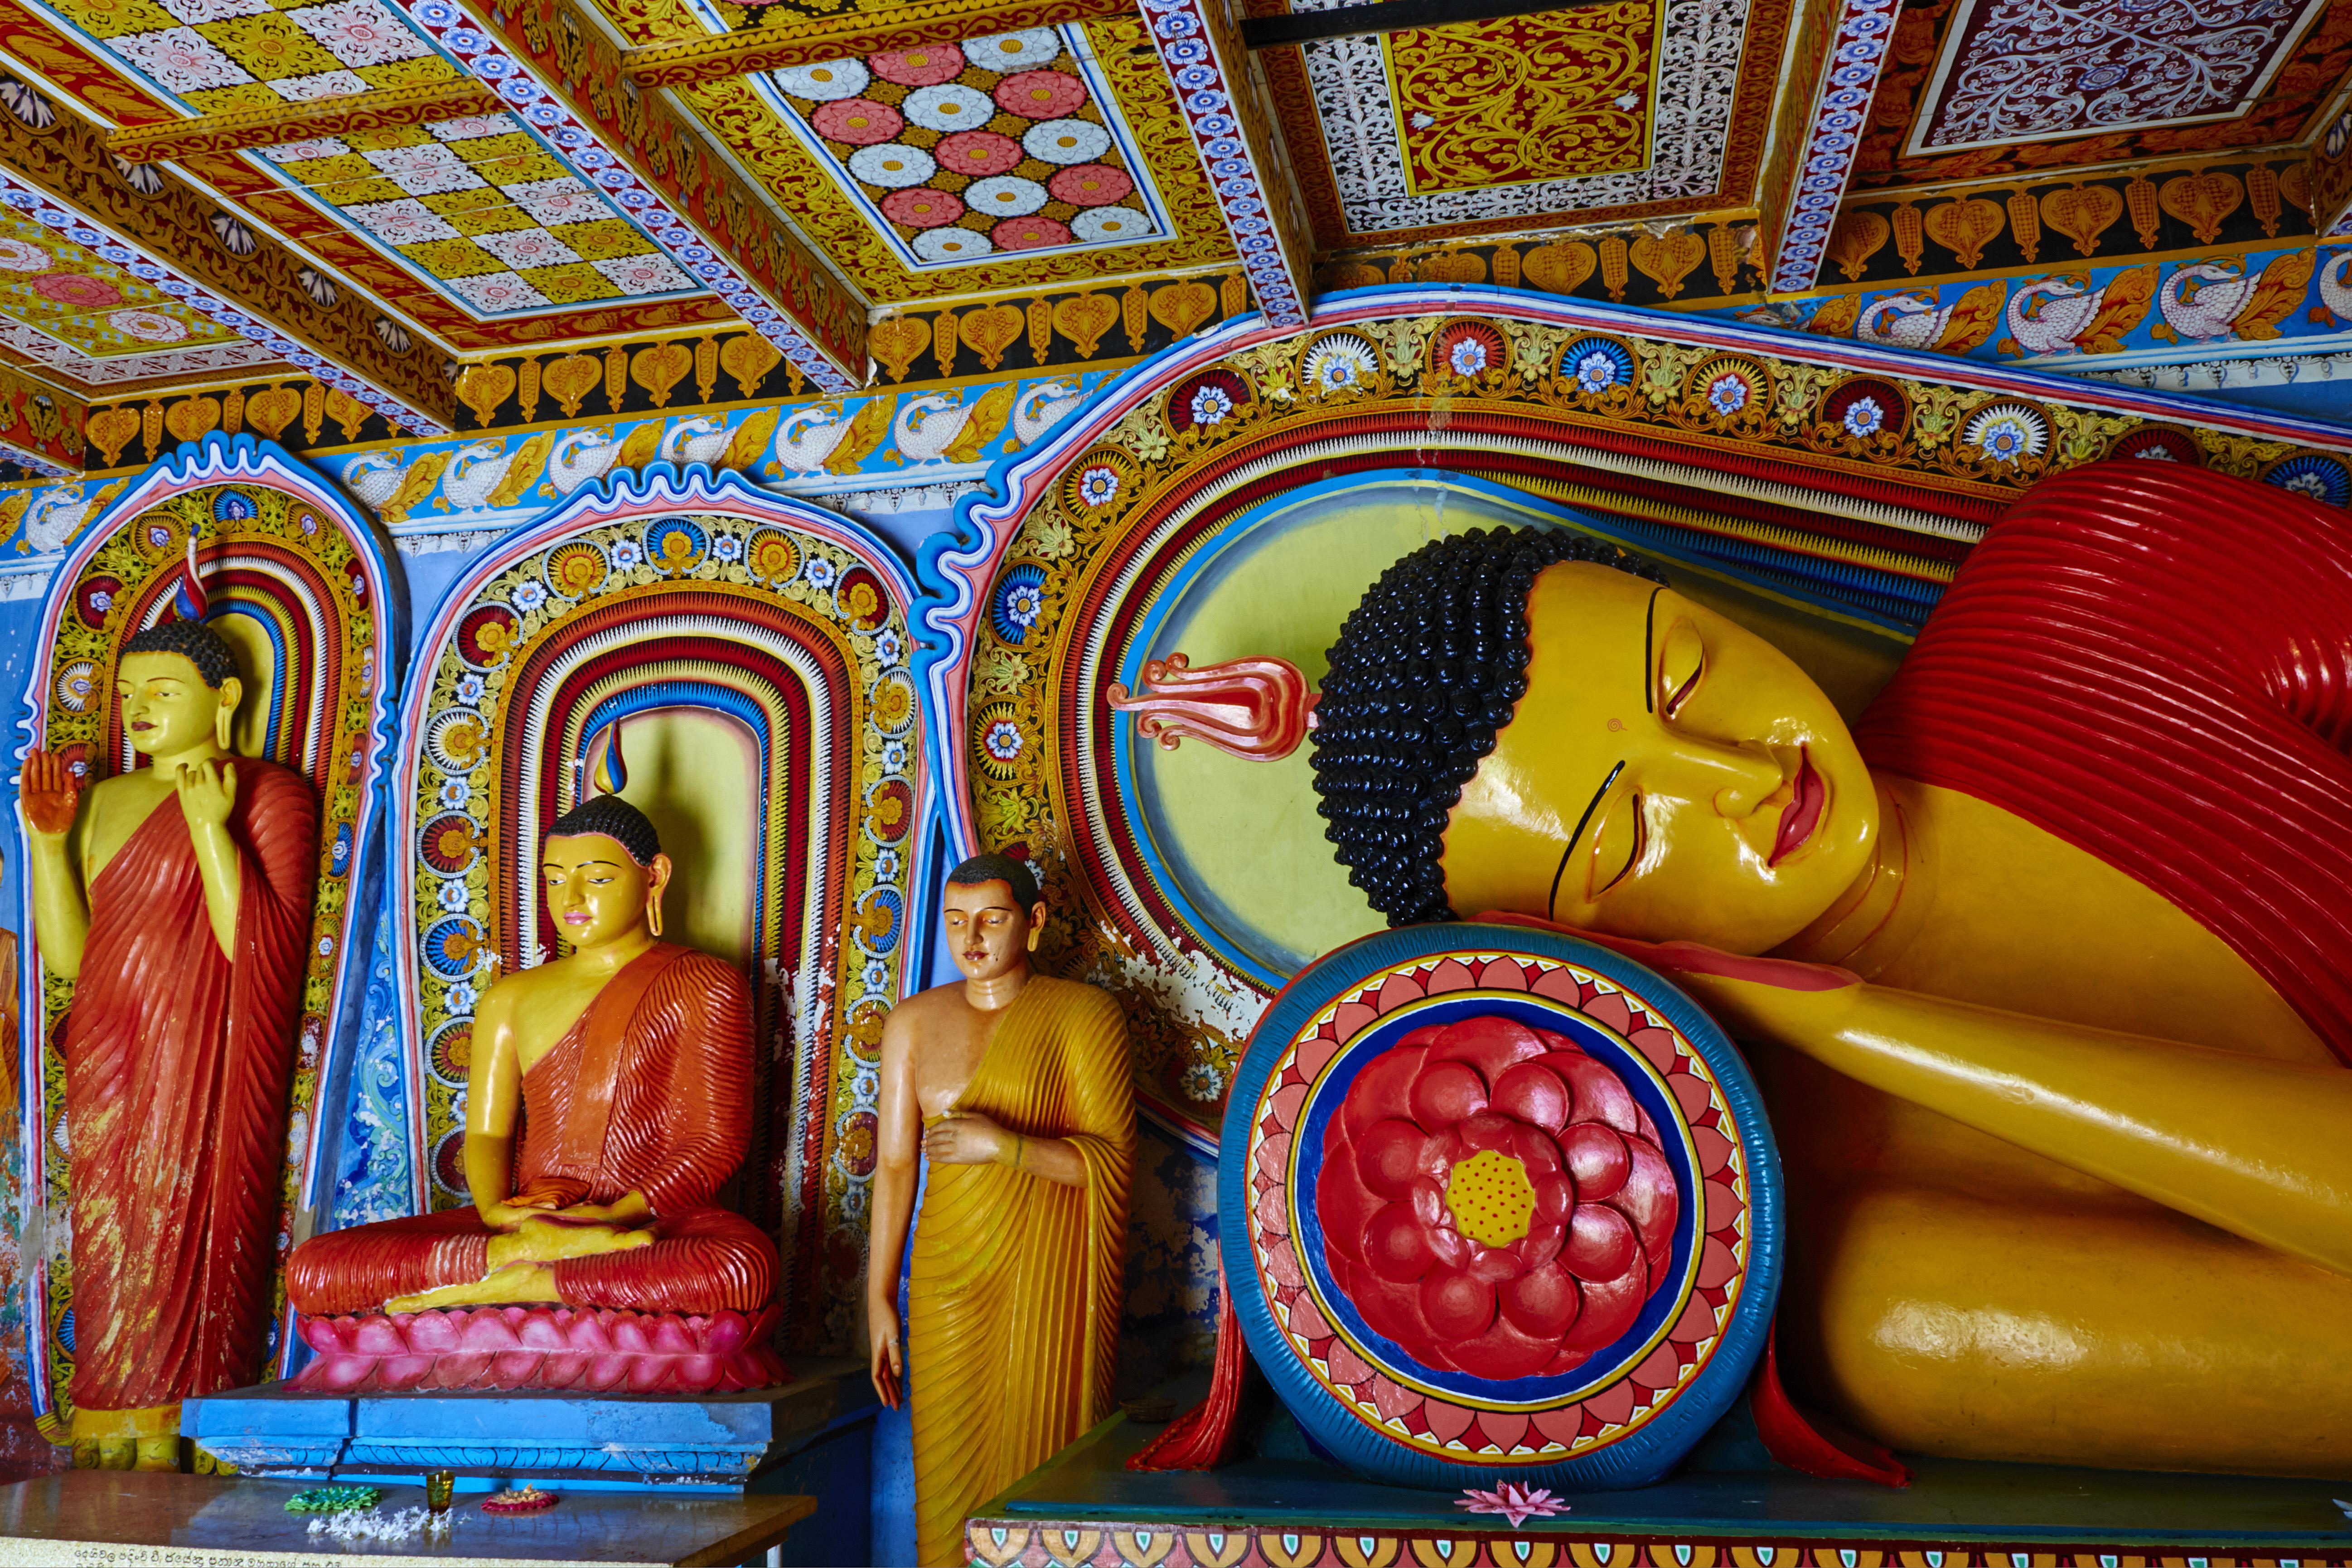 Sri Lanka, Anuradhapura, Isurumuniya Vihara temple